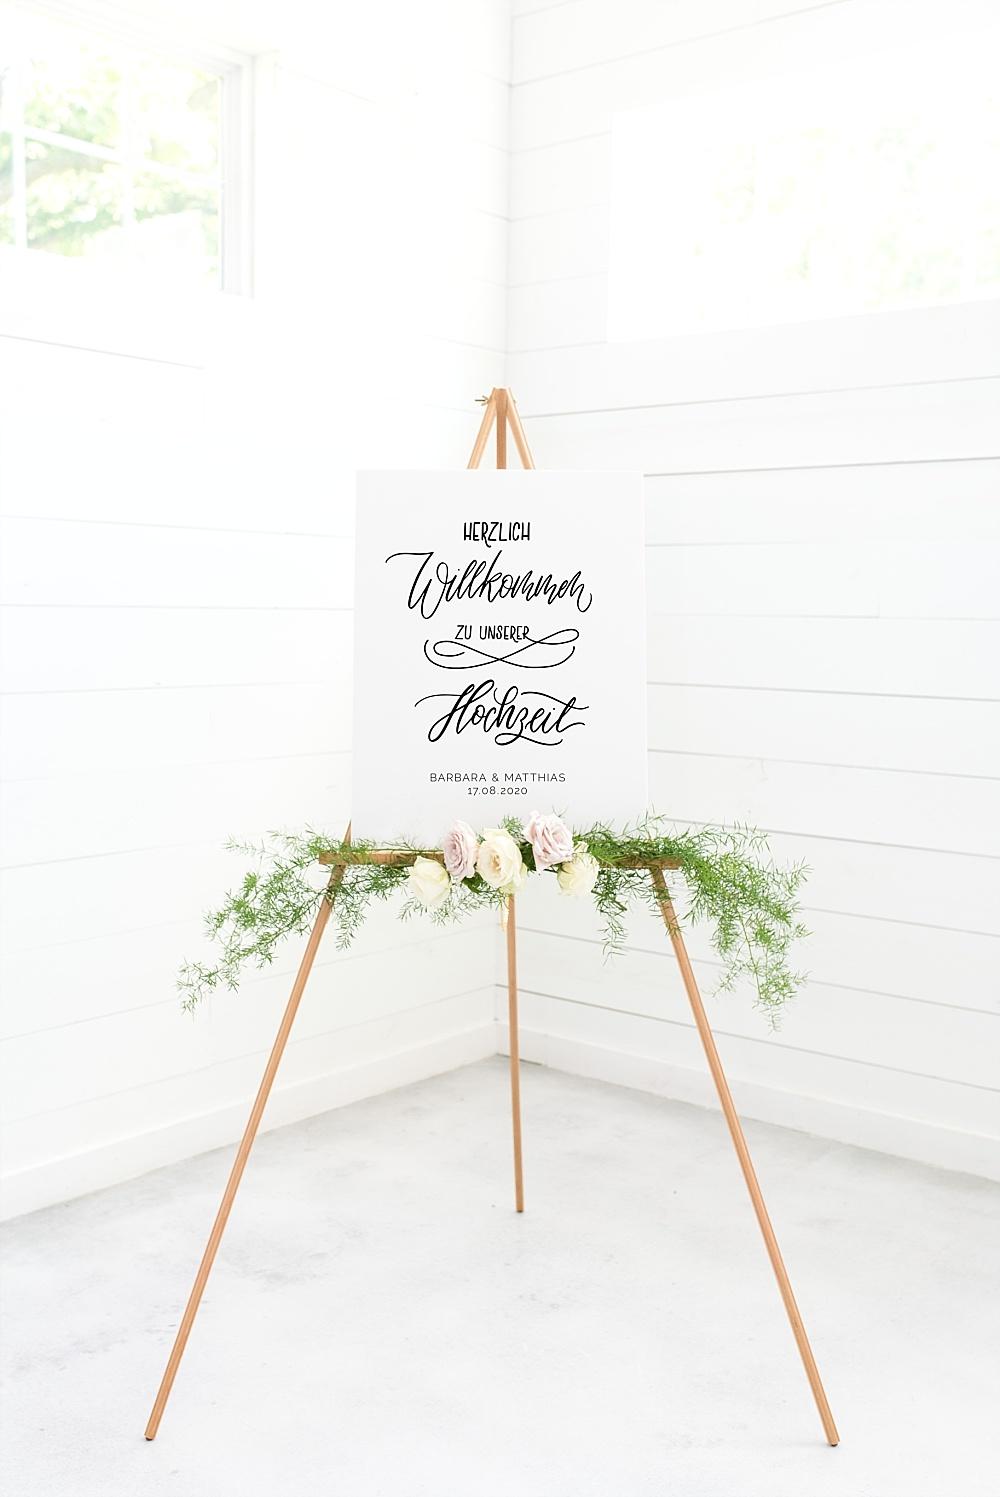 Herzlich Willkommen zur Hochzeit Schild, Willkommensschild Hochzeit